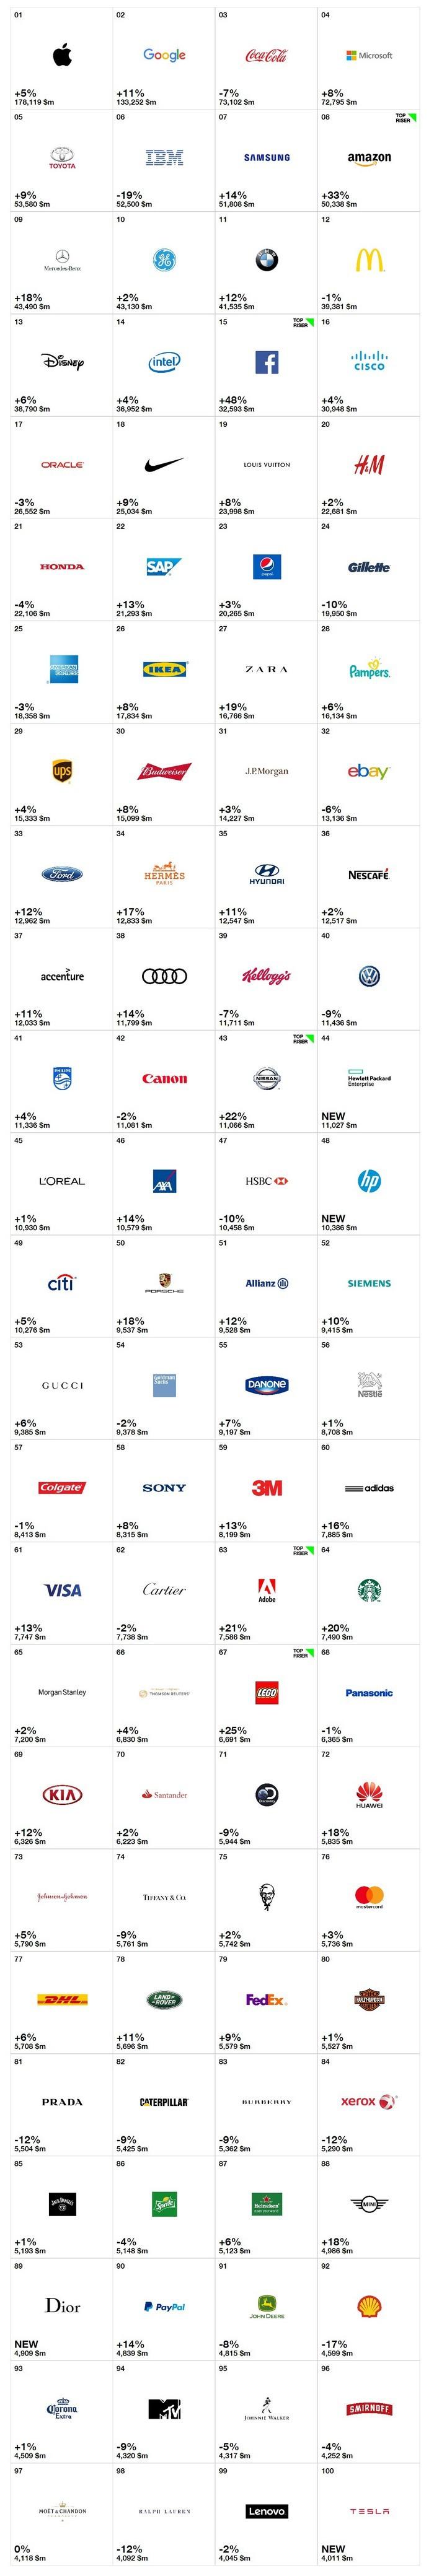 самых дорогих брендов мира-2016